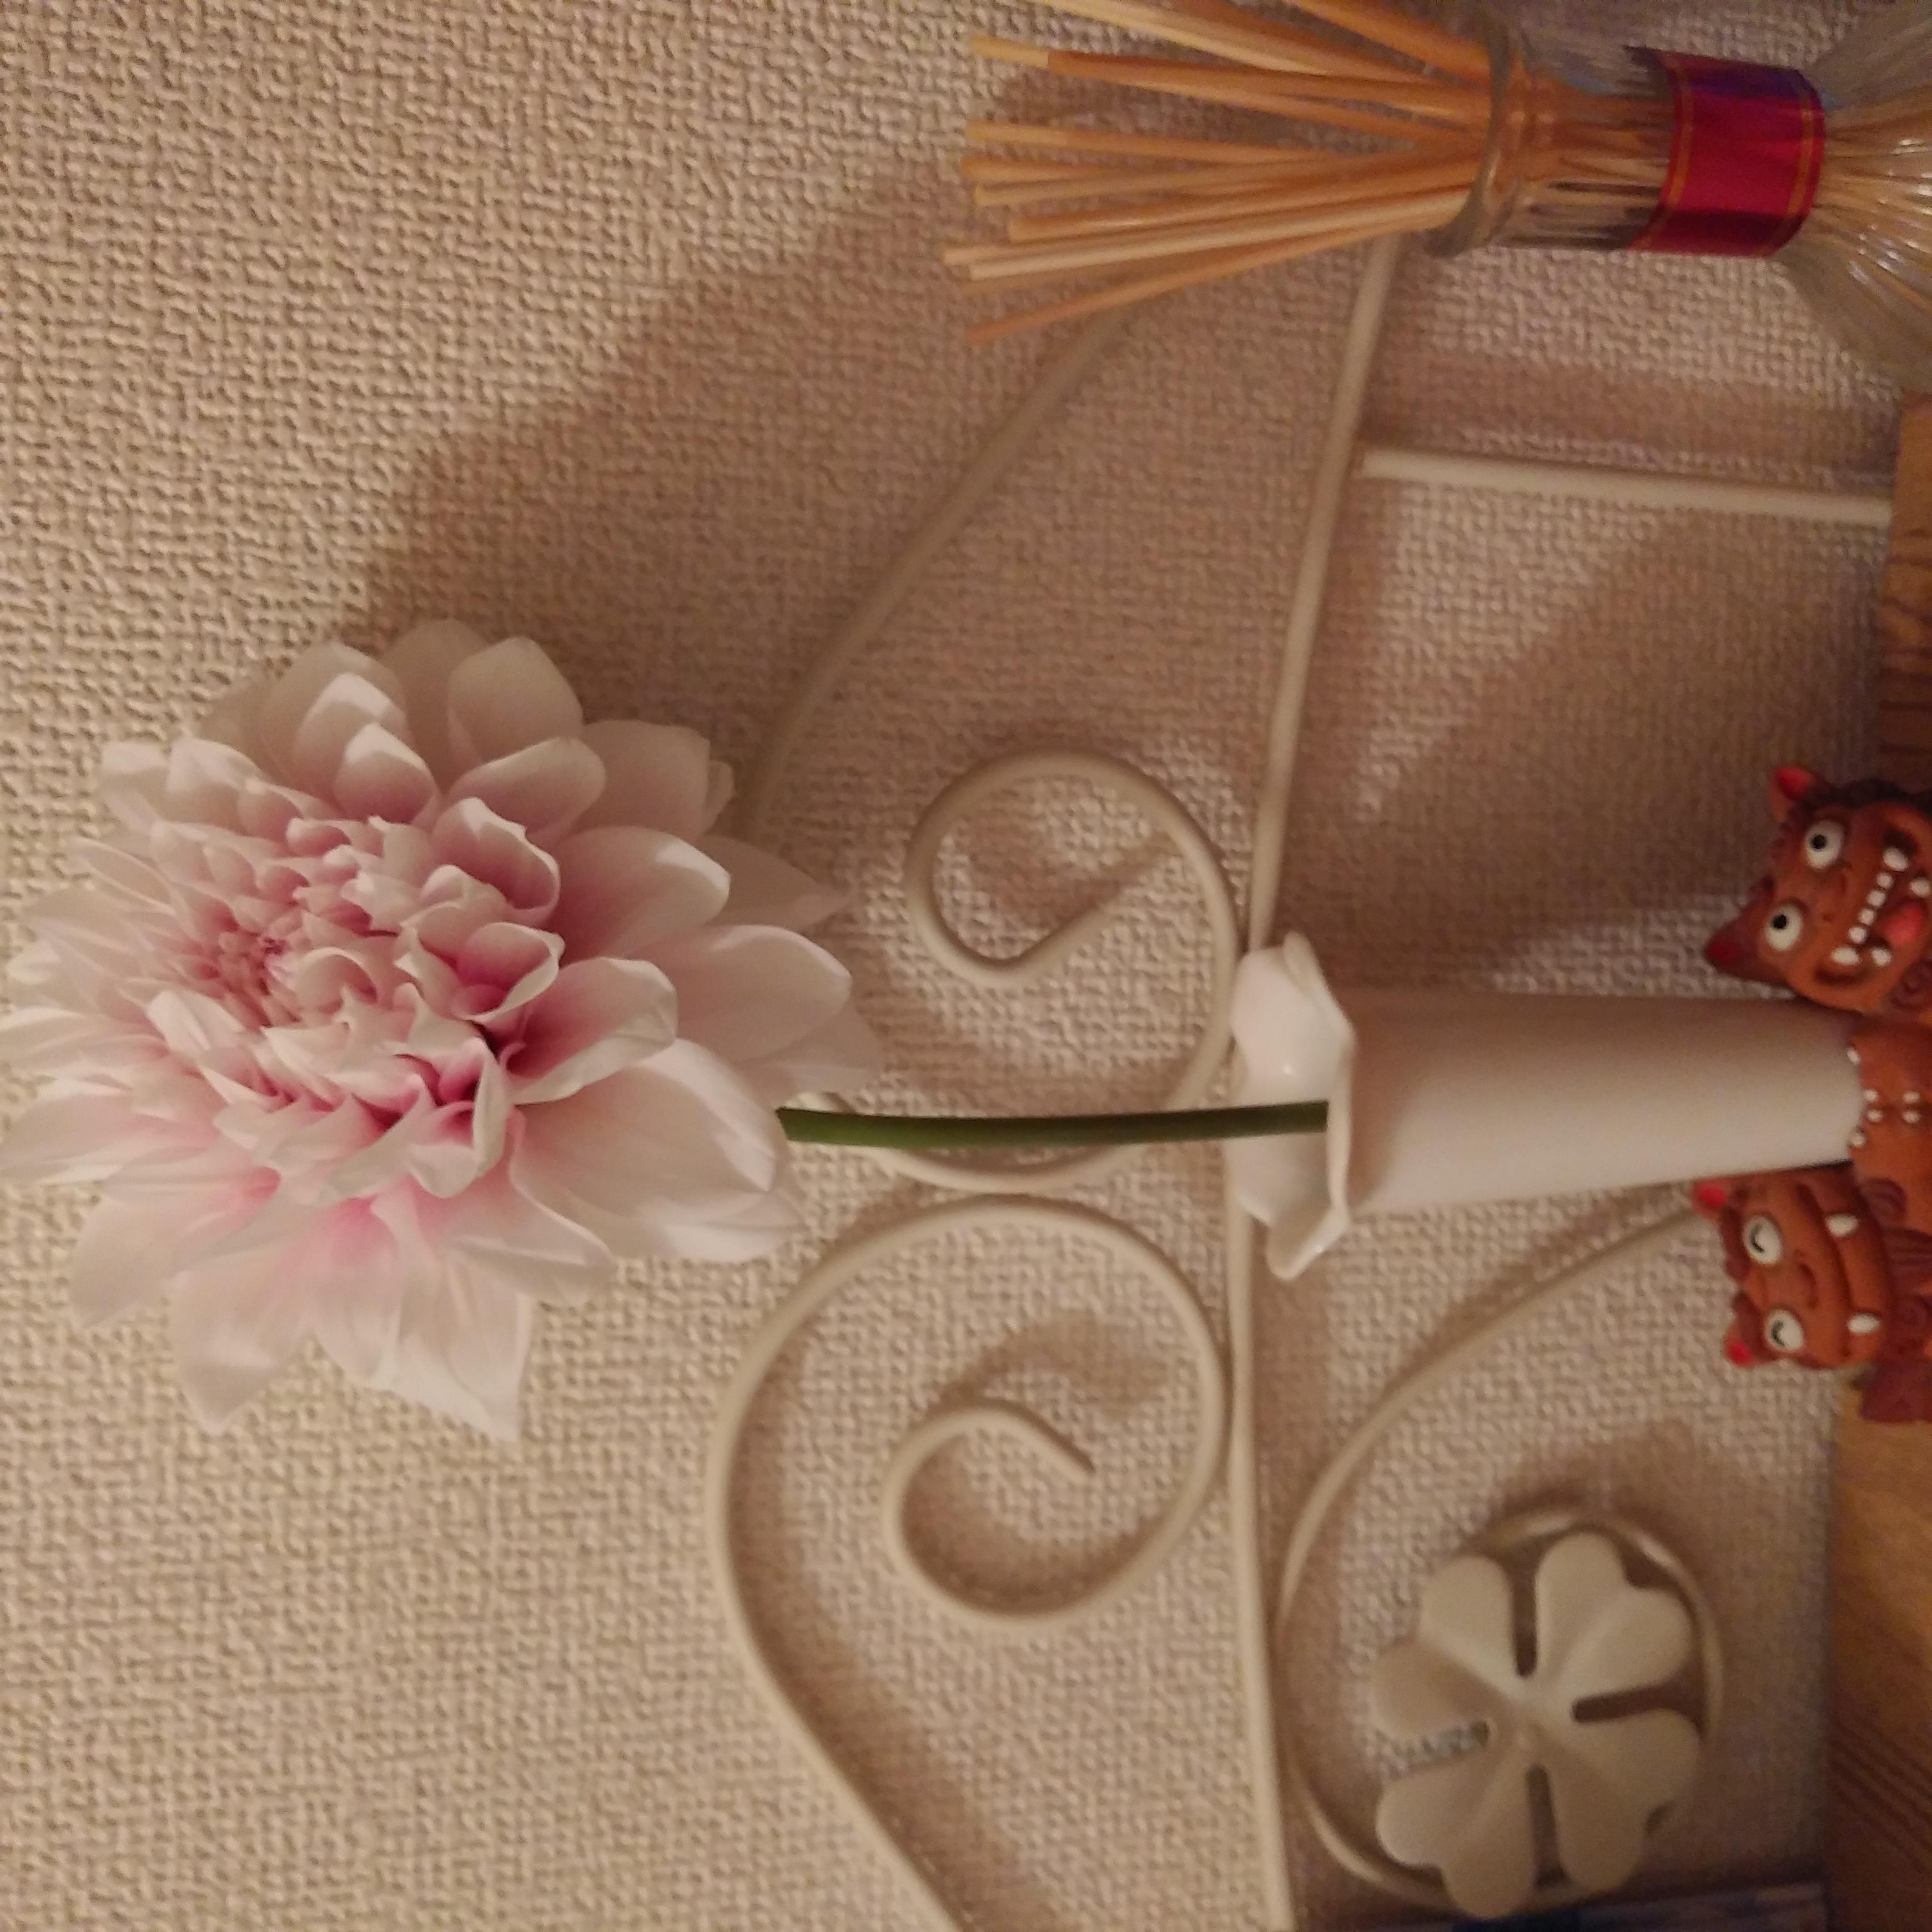 人妻さん日誌:お買い物の帰り、お花